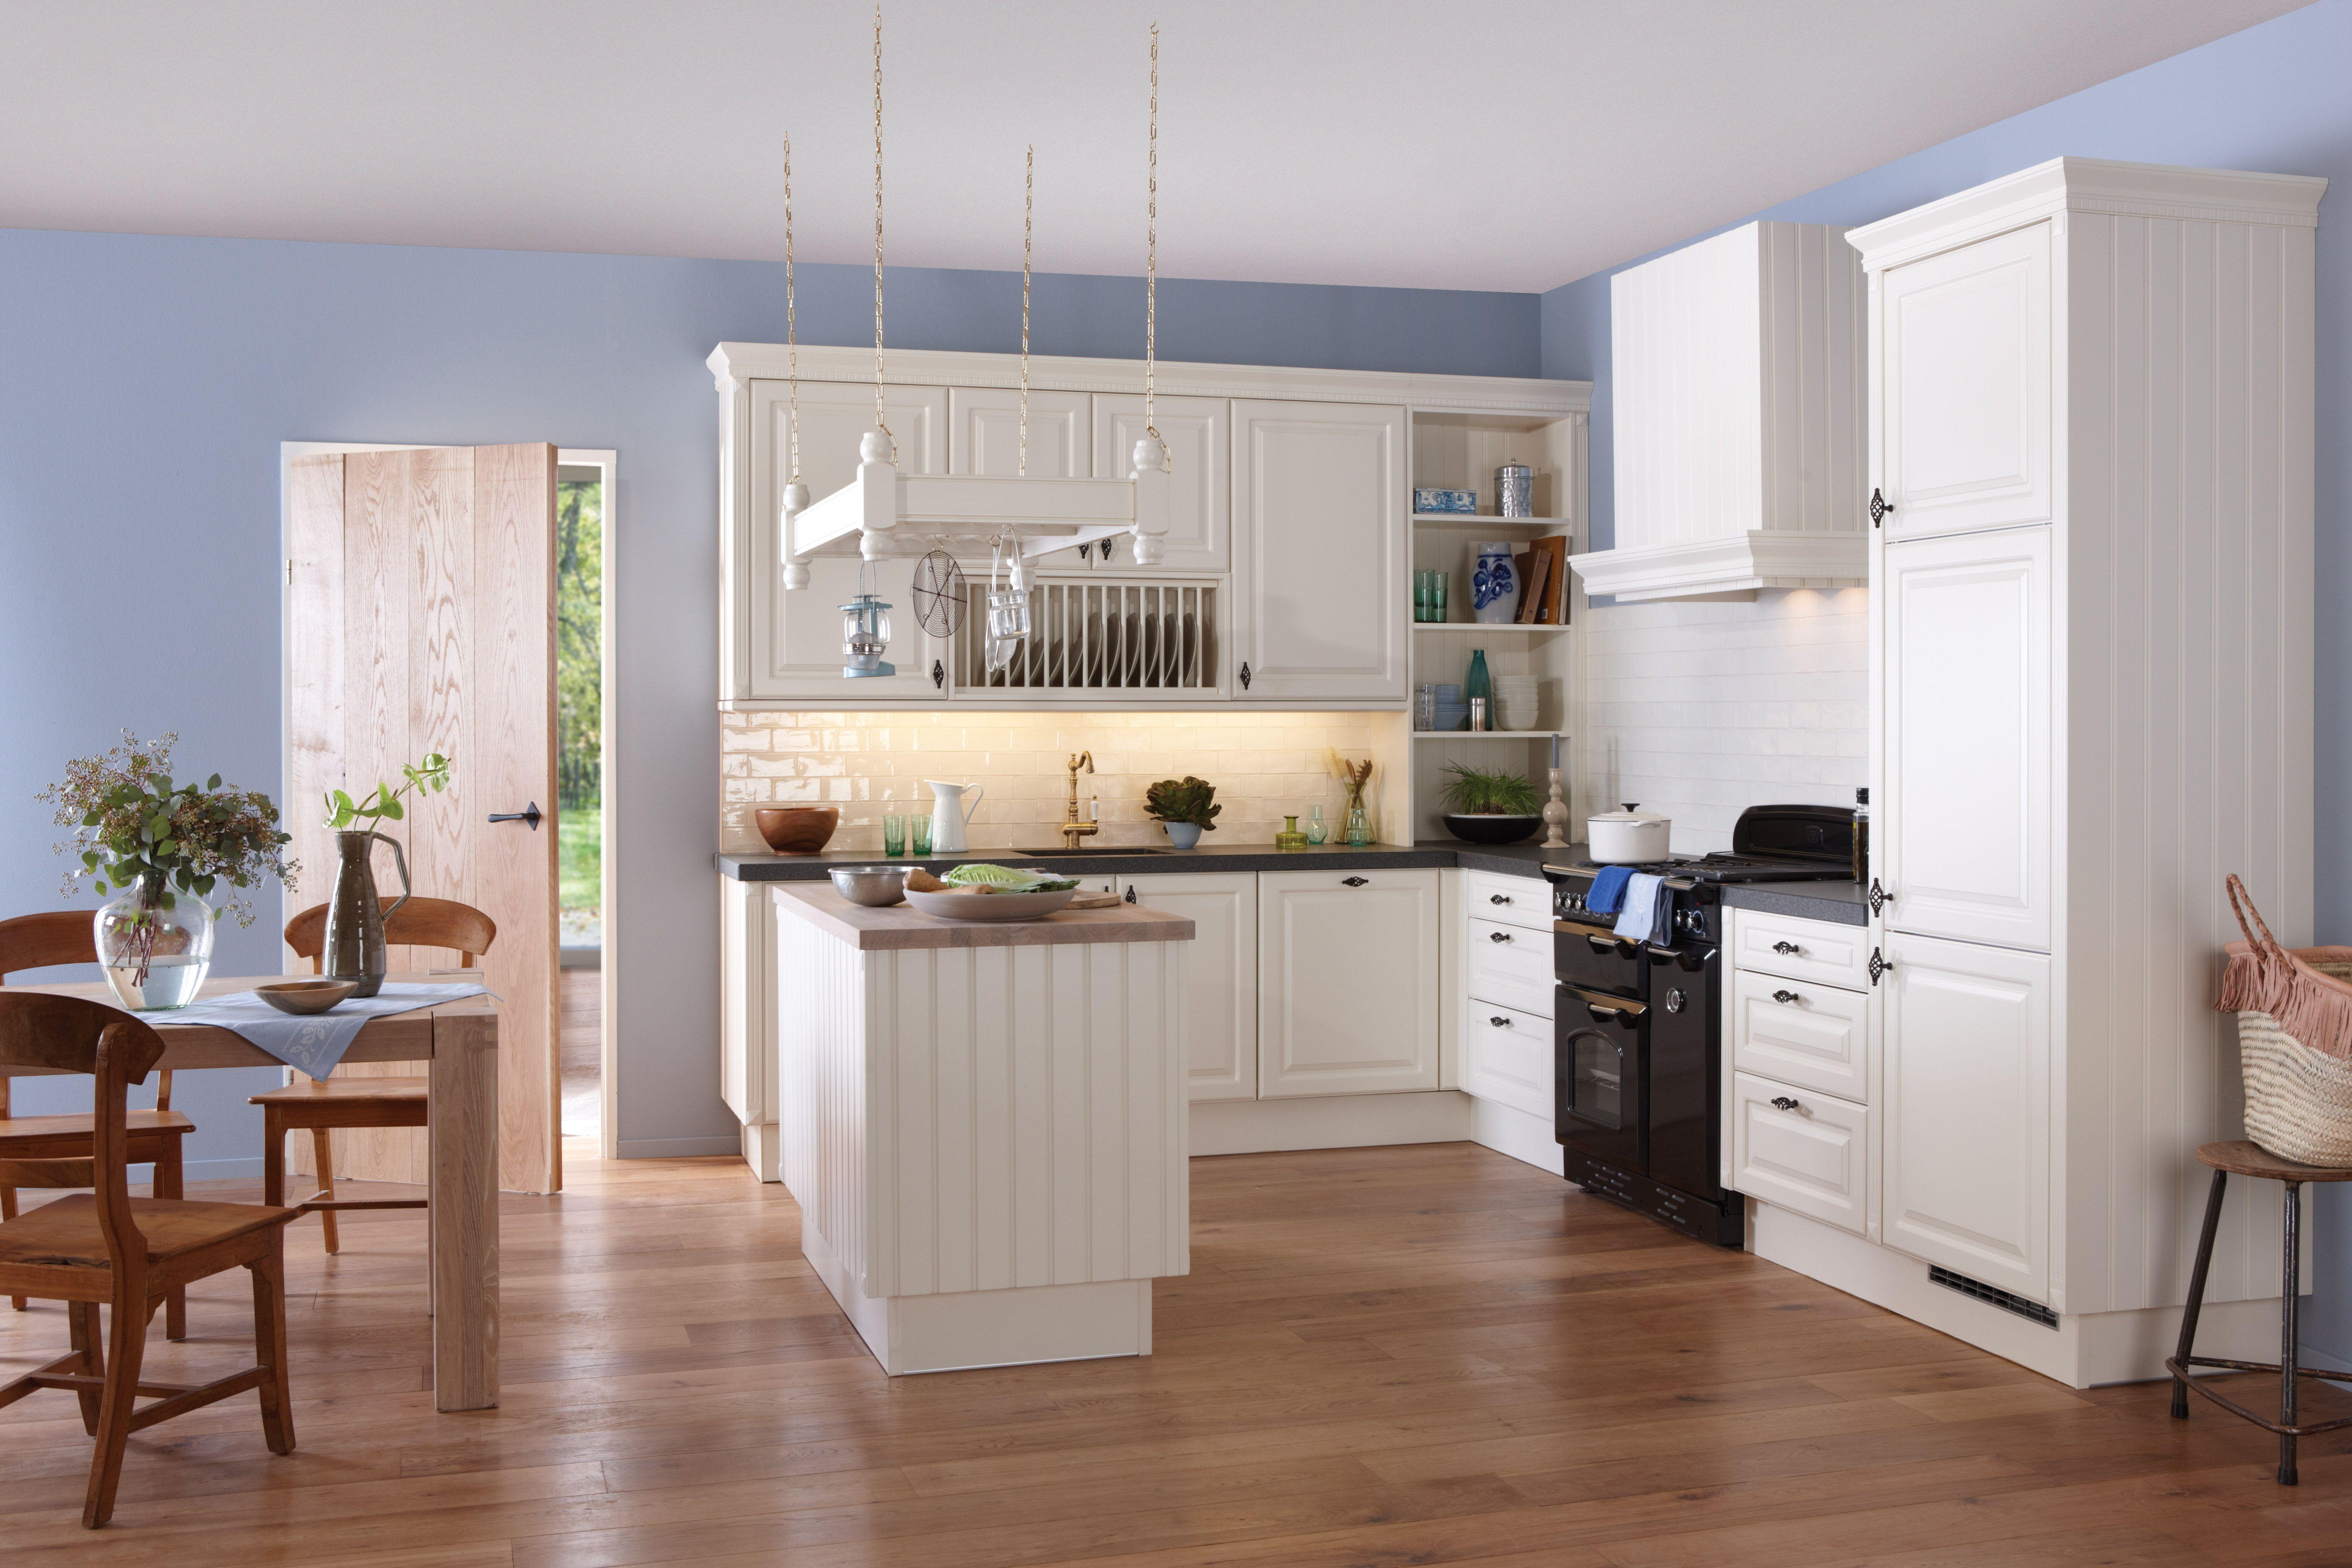 Bruynzeel keuken te koop piet zwart keuken tweedehands best